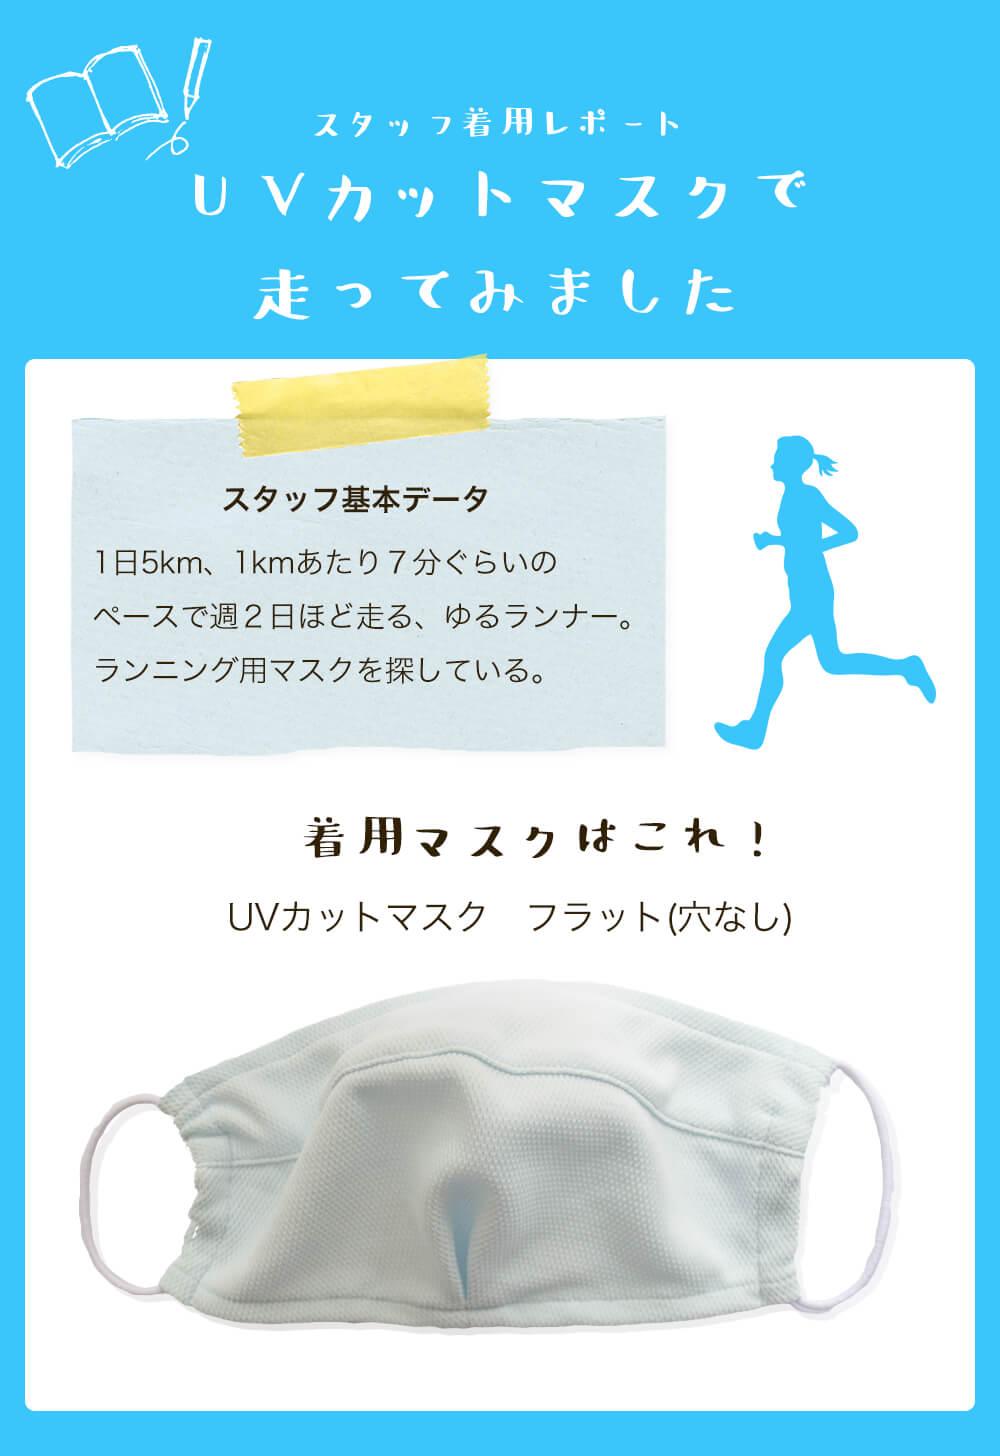 UVカットマスクで走ってみました